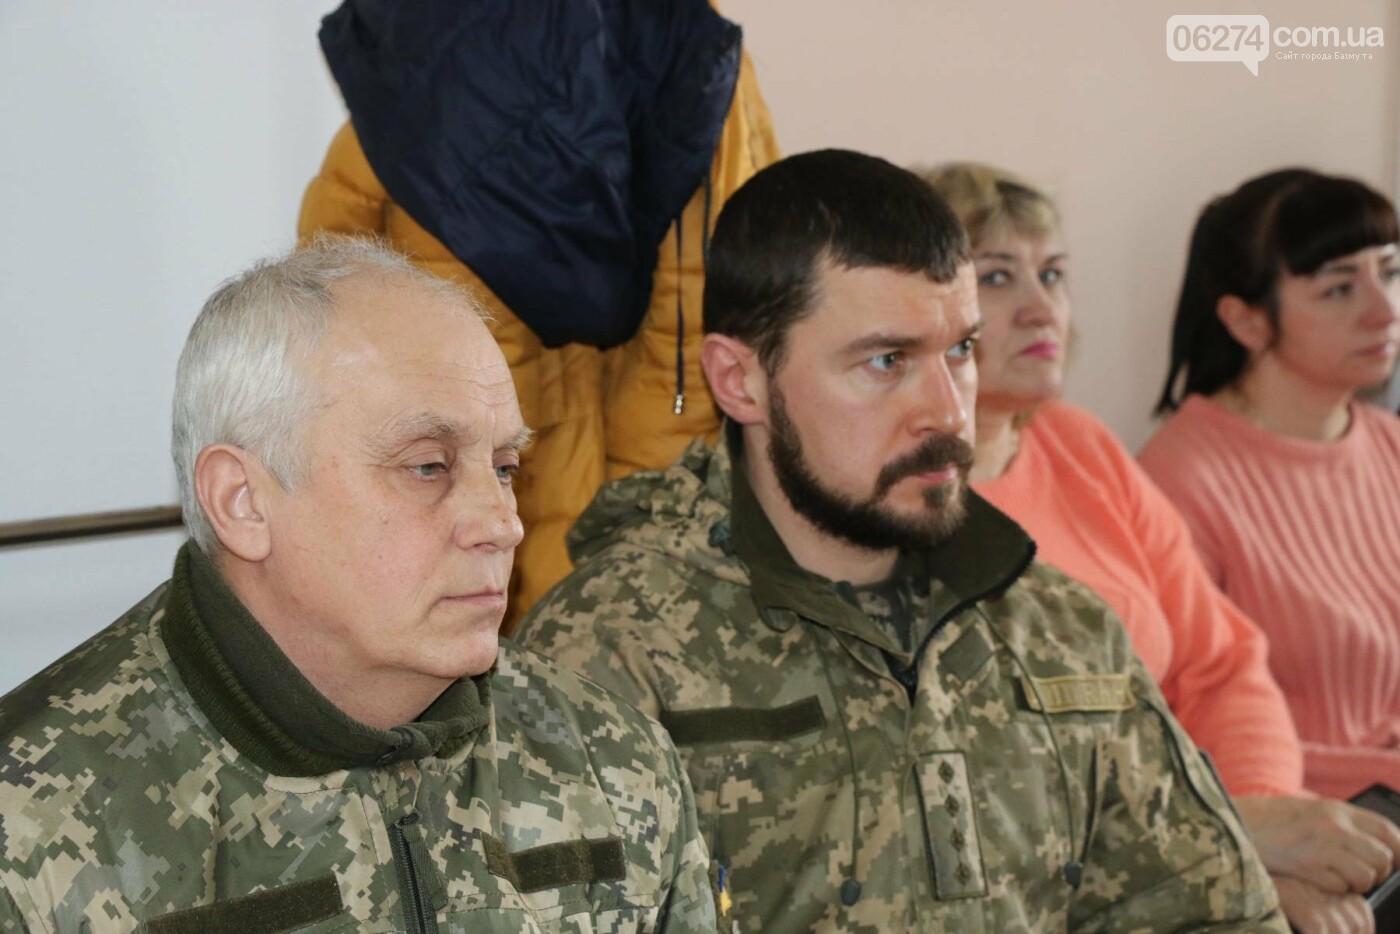 В Бахмуте прошли мероприятия по случаю третьей годовщины выхода украинских войск из Дебальцево, фото-5